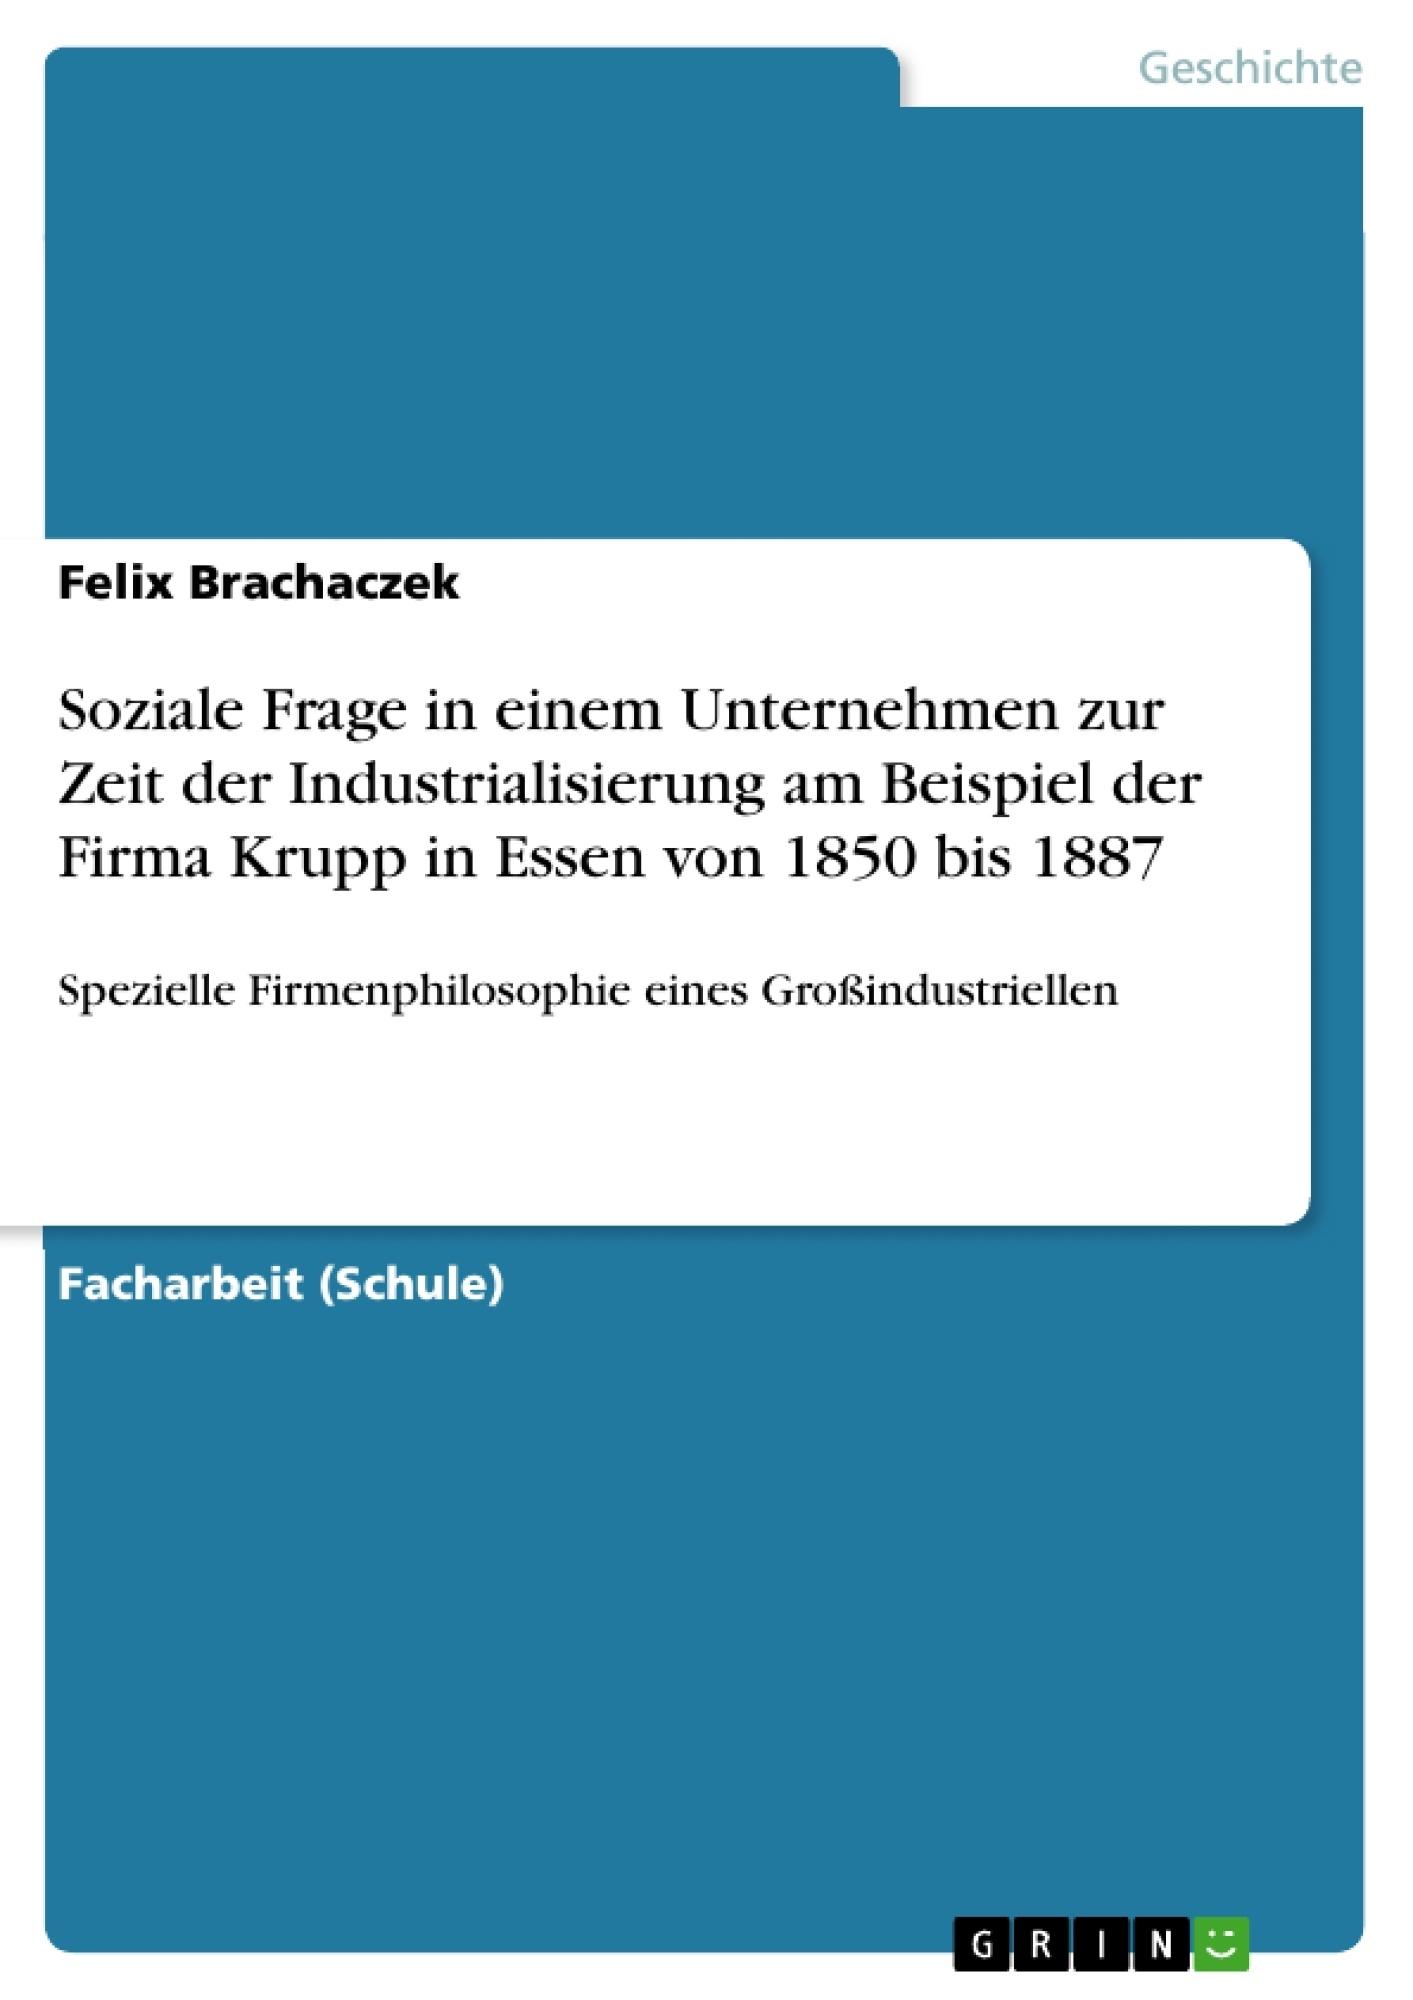 Titel: Soziale Frage in einem Unternehmen zur Zeit der Industrialisierung am Beispiel der Firma Krupp in Essen von 1850 bis 1887